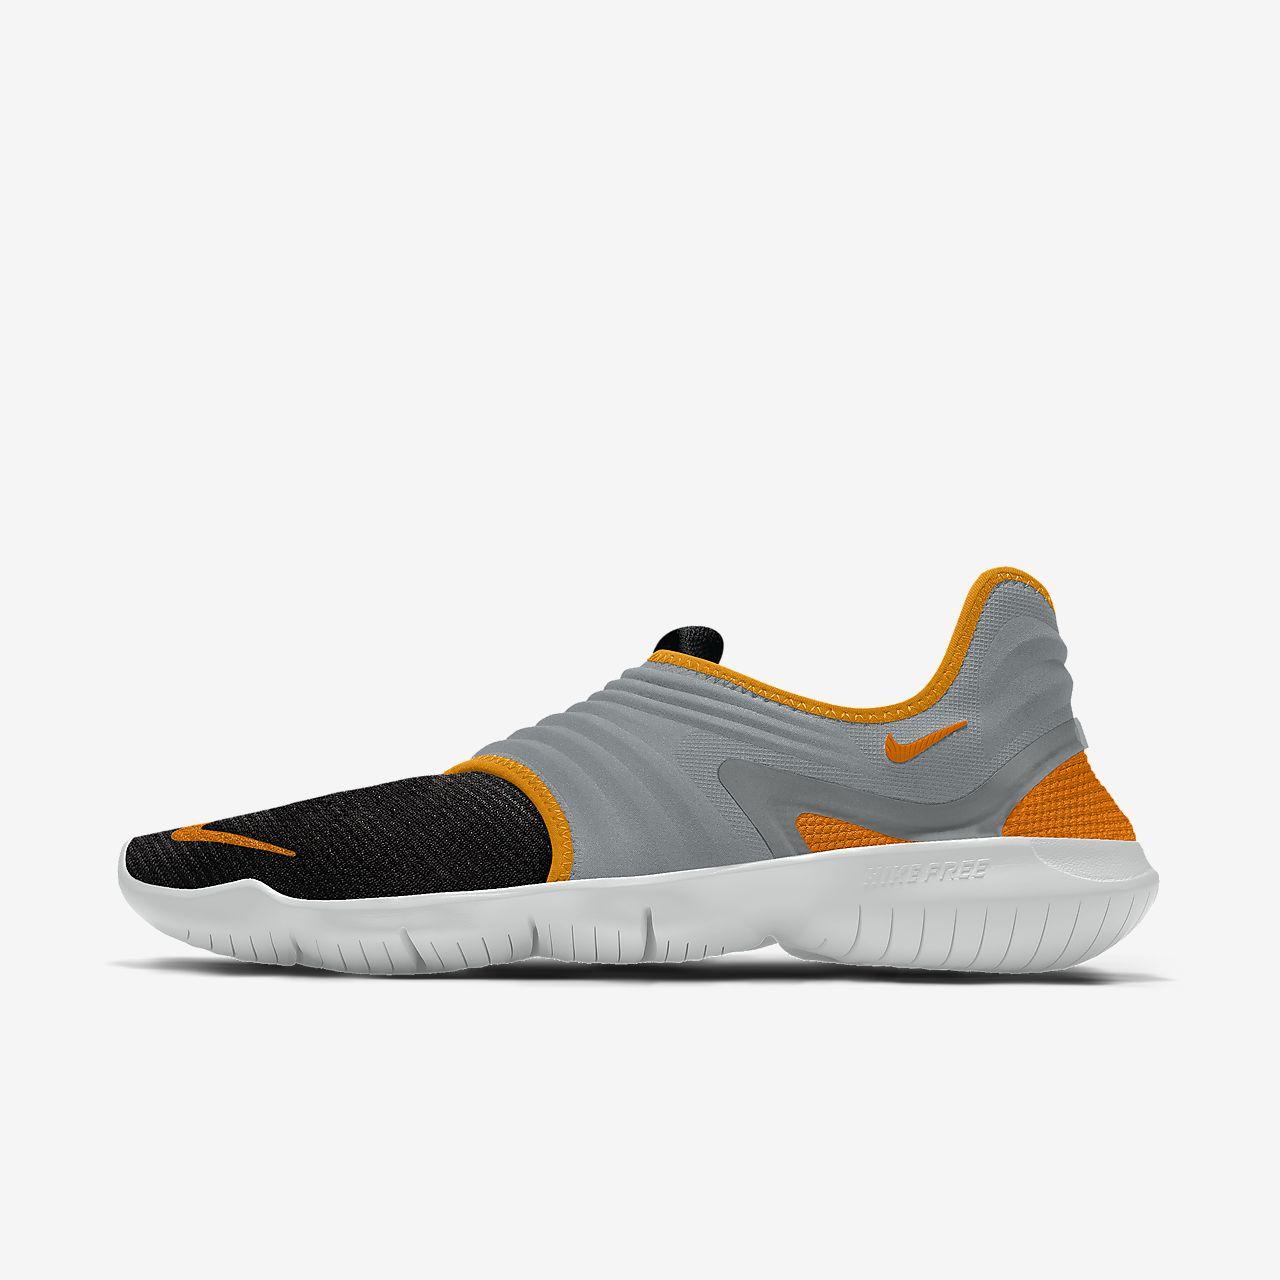 Męskie personalizowane buty do biegania Nike Free RN Flyknit 3.0 By You